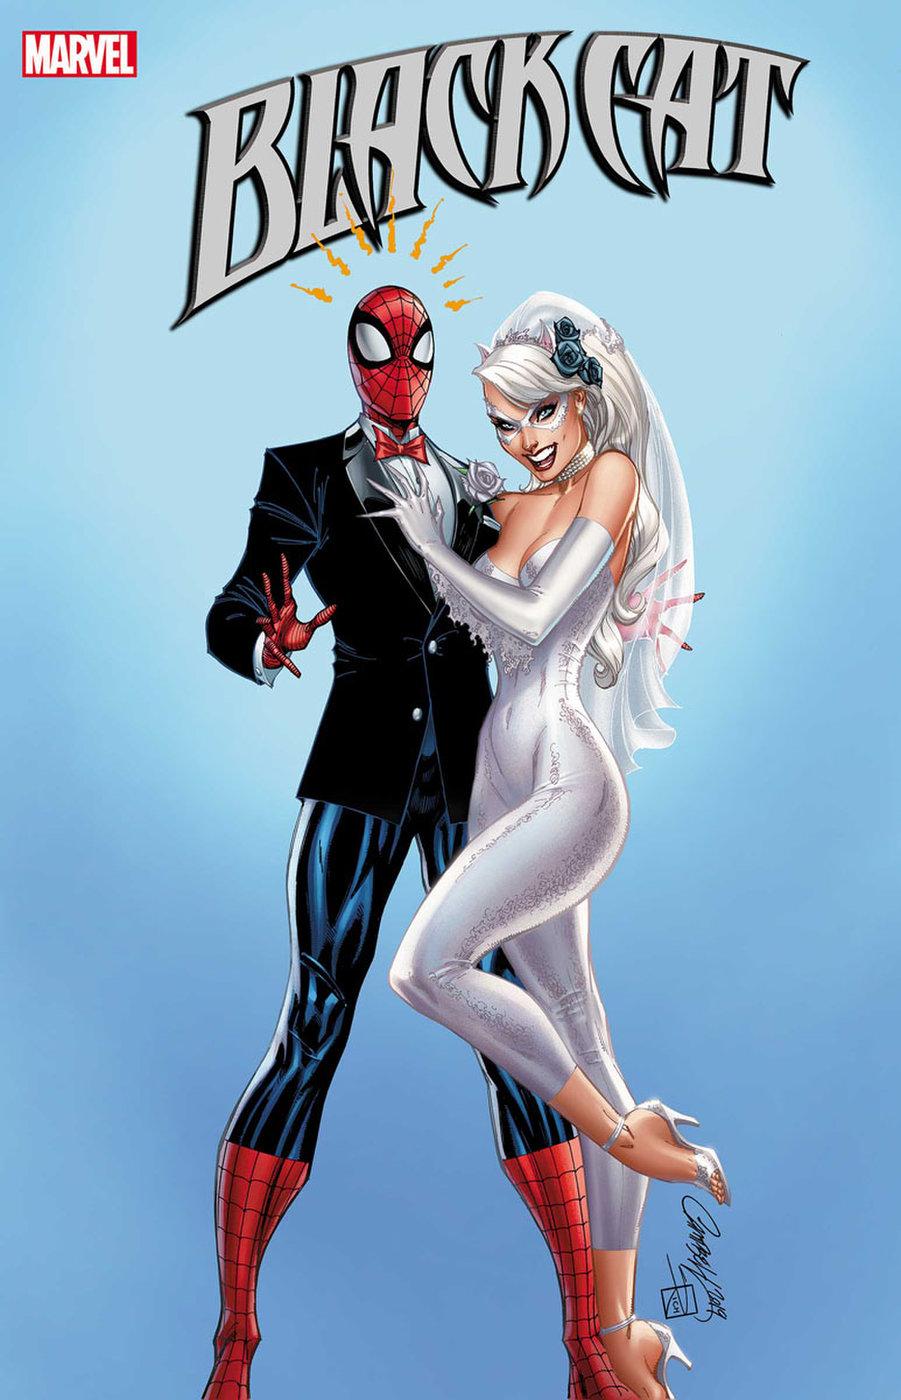 Человек-паук иЧерная кошка сыграют свадьбу? | Канобу - Изображение 2